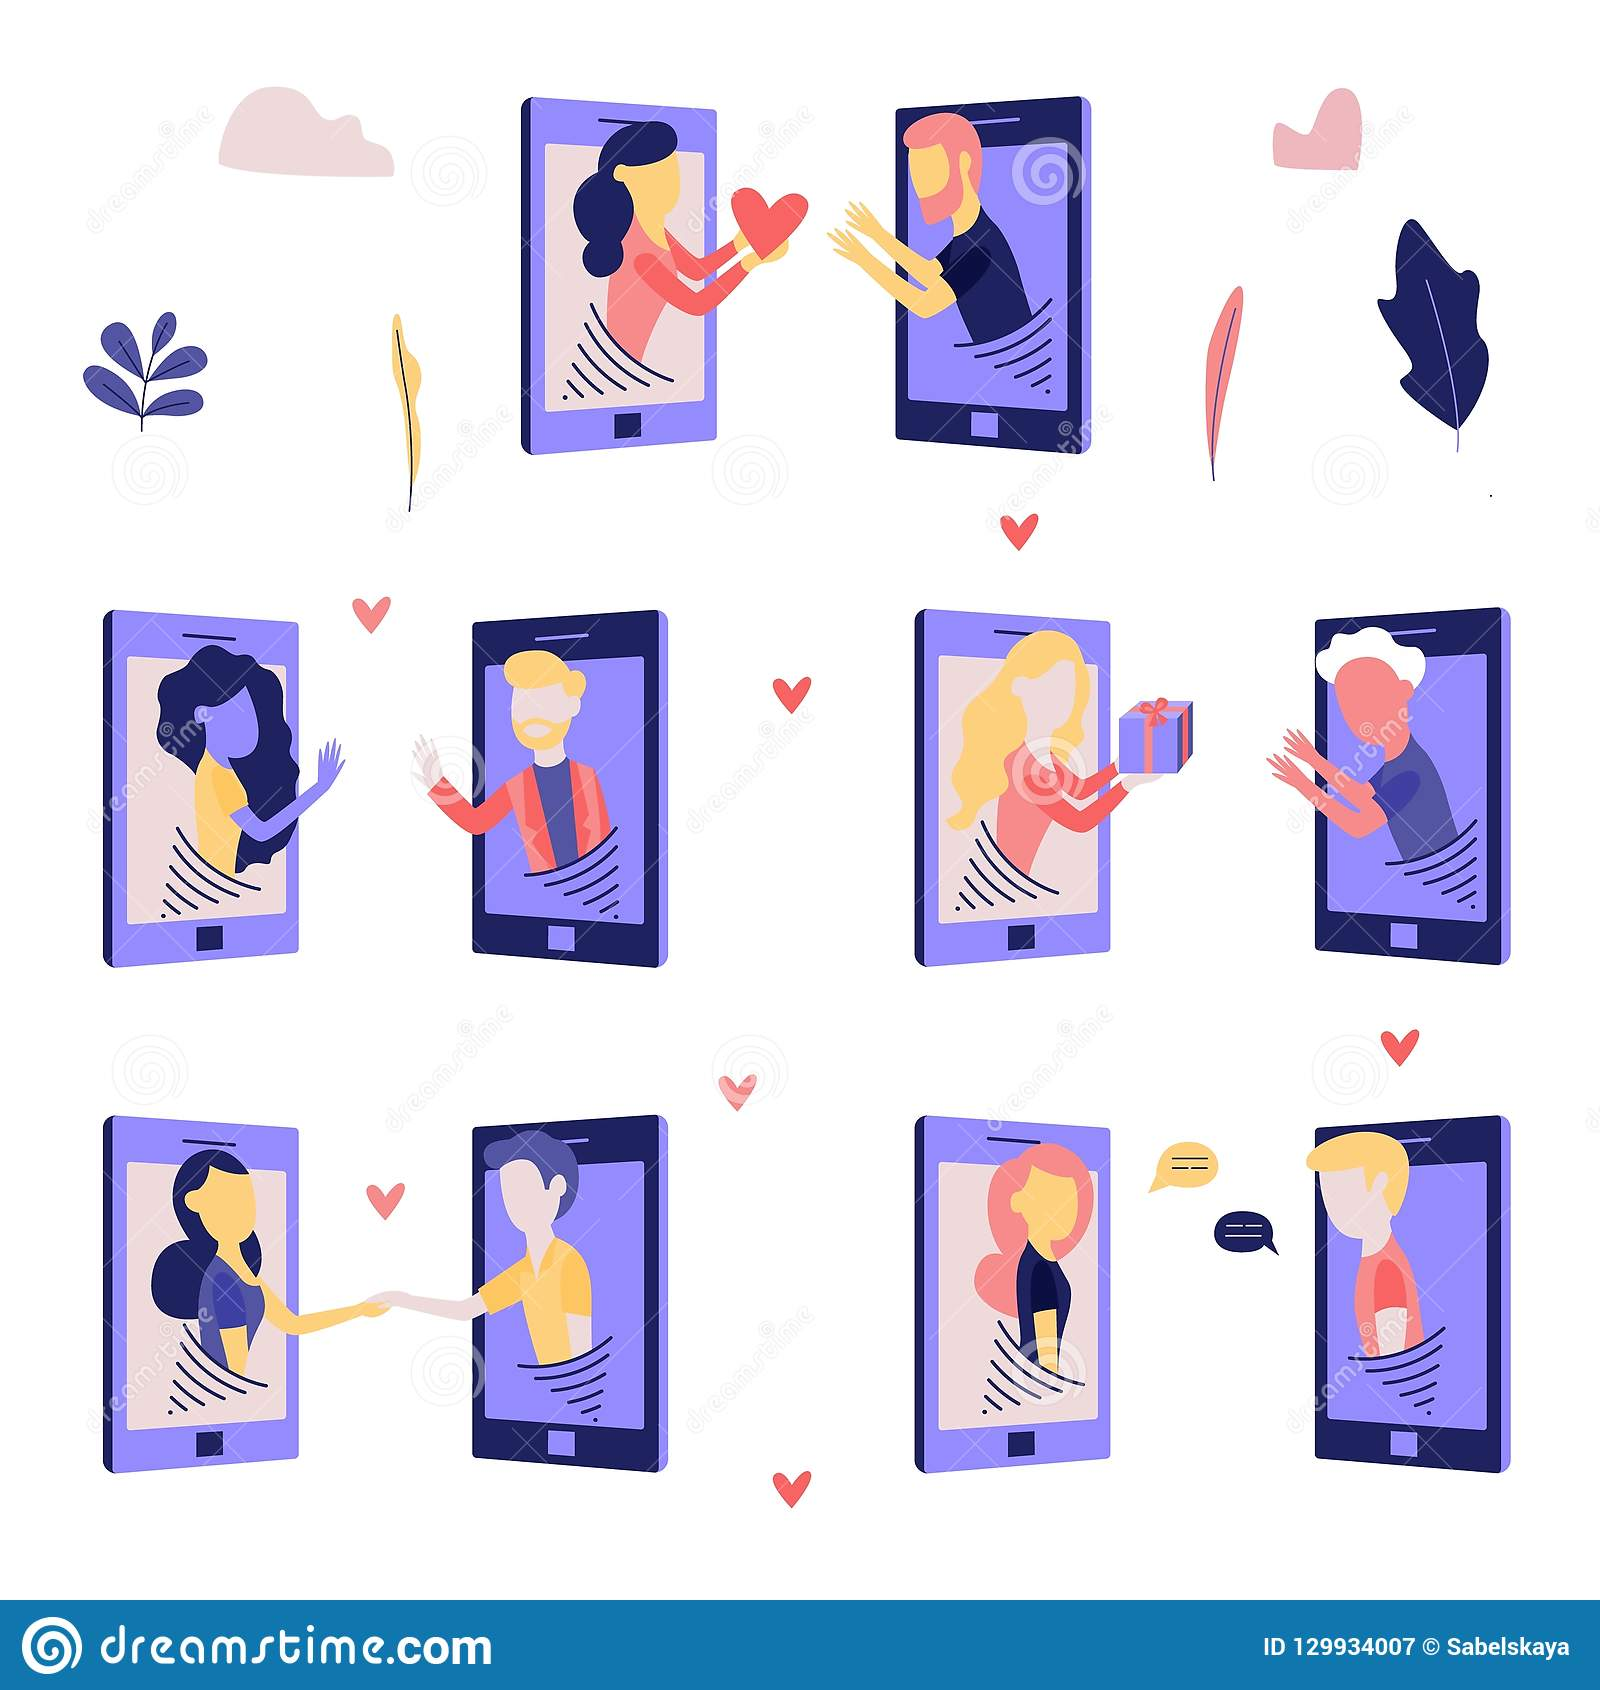 chatta online dating